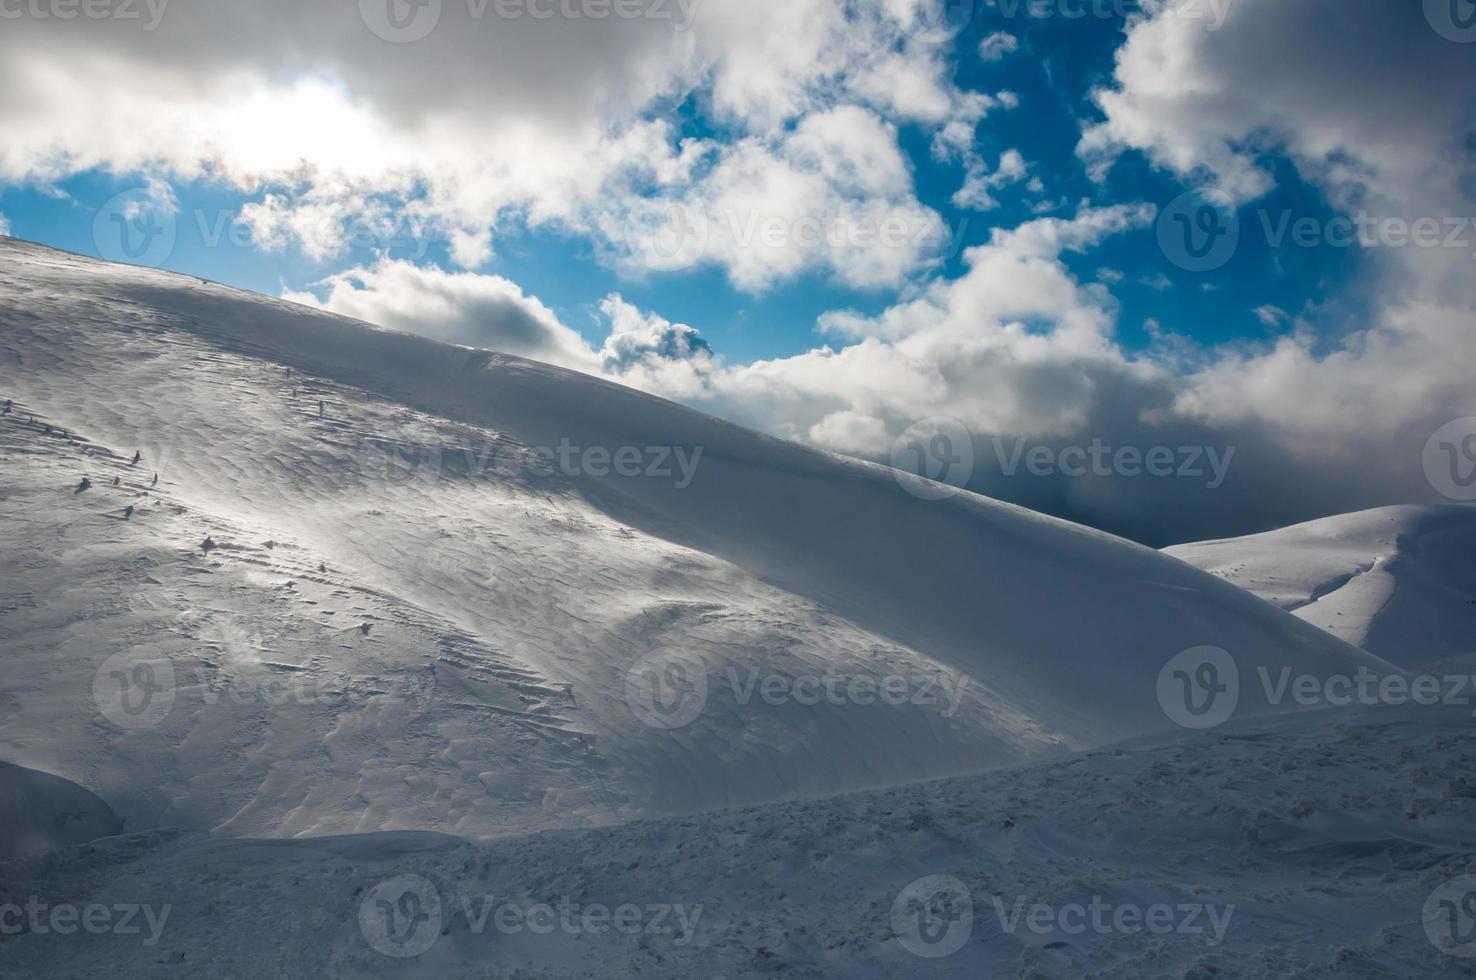 alberi d'inverno nelle montagne ricoperte di neve fresca foto